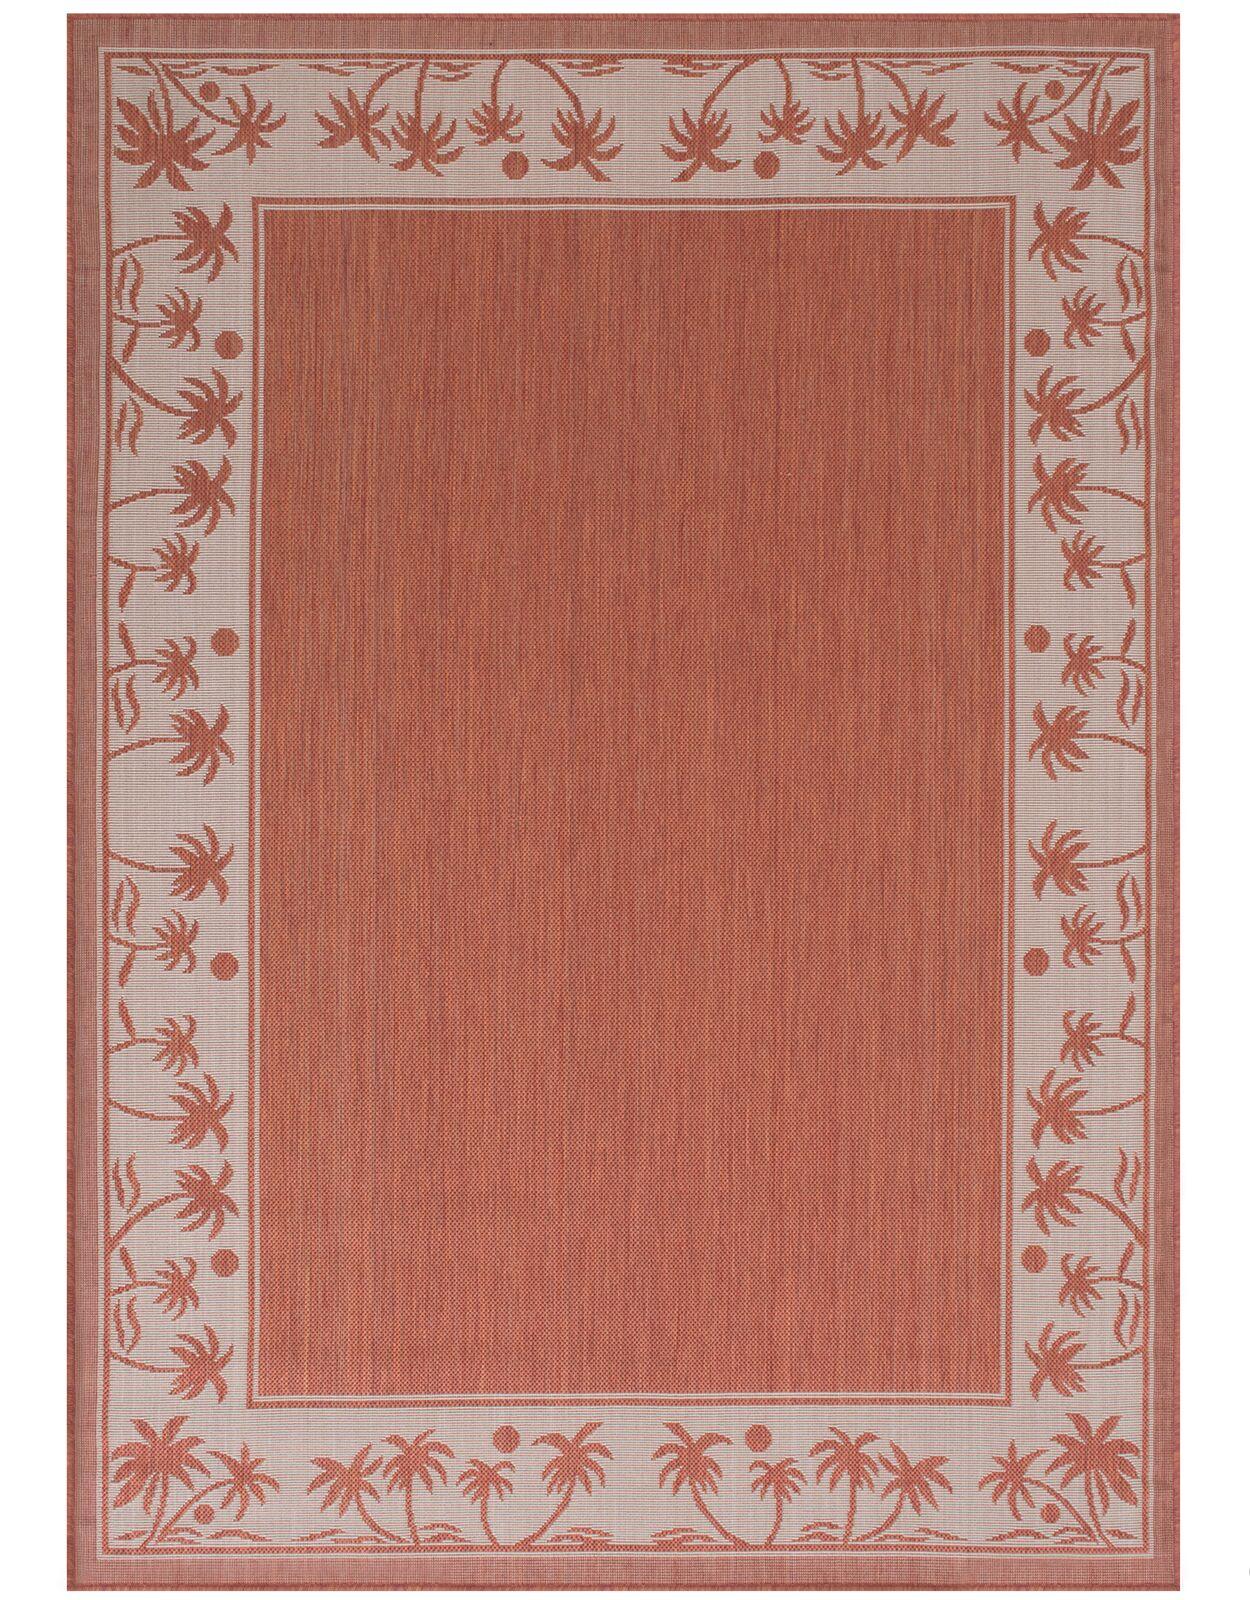 Granada Terracotta Indoor/Outdoor Area Rug Rug Size: 5' x 7'